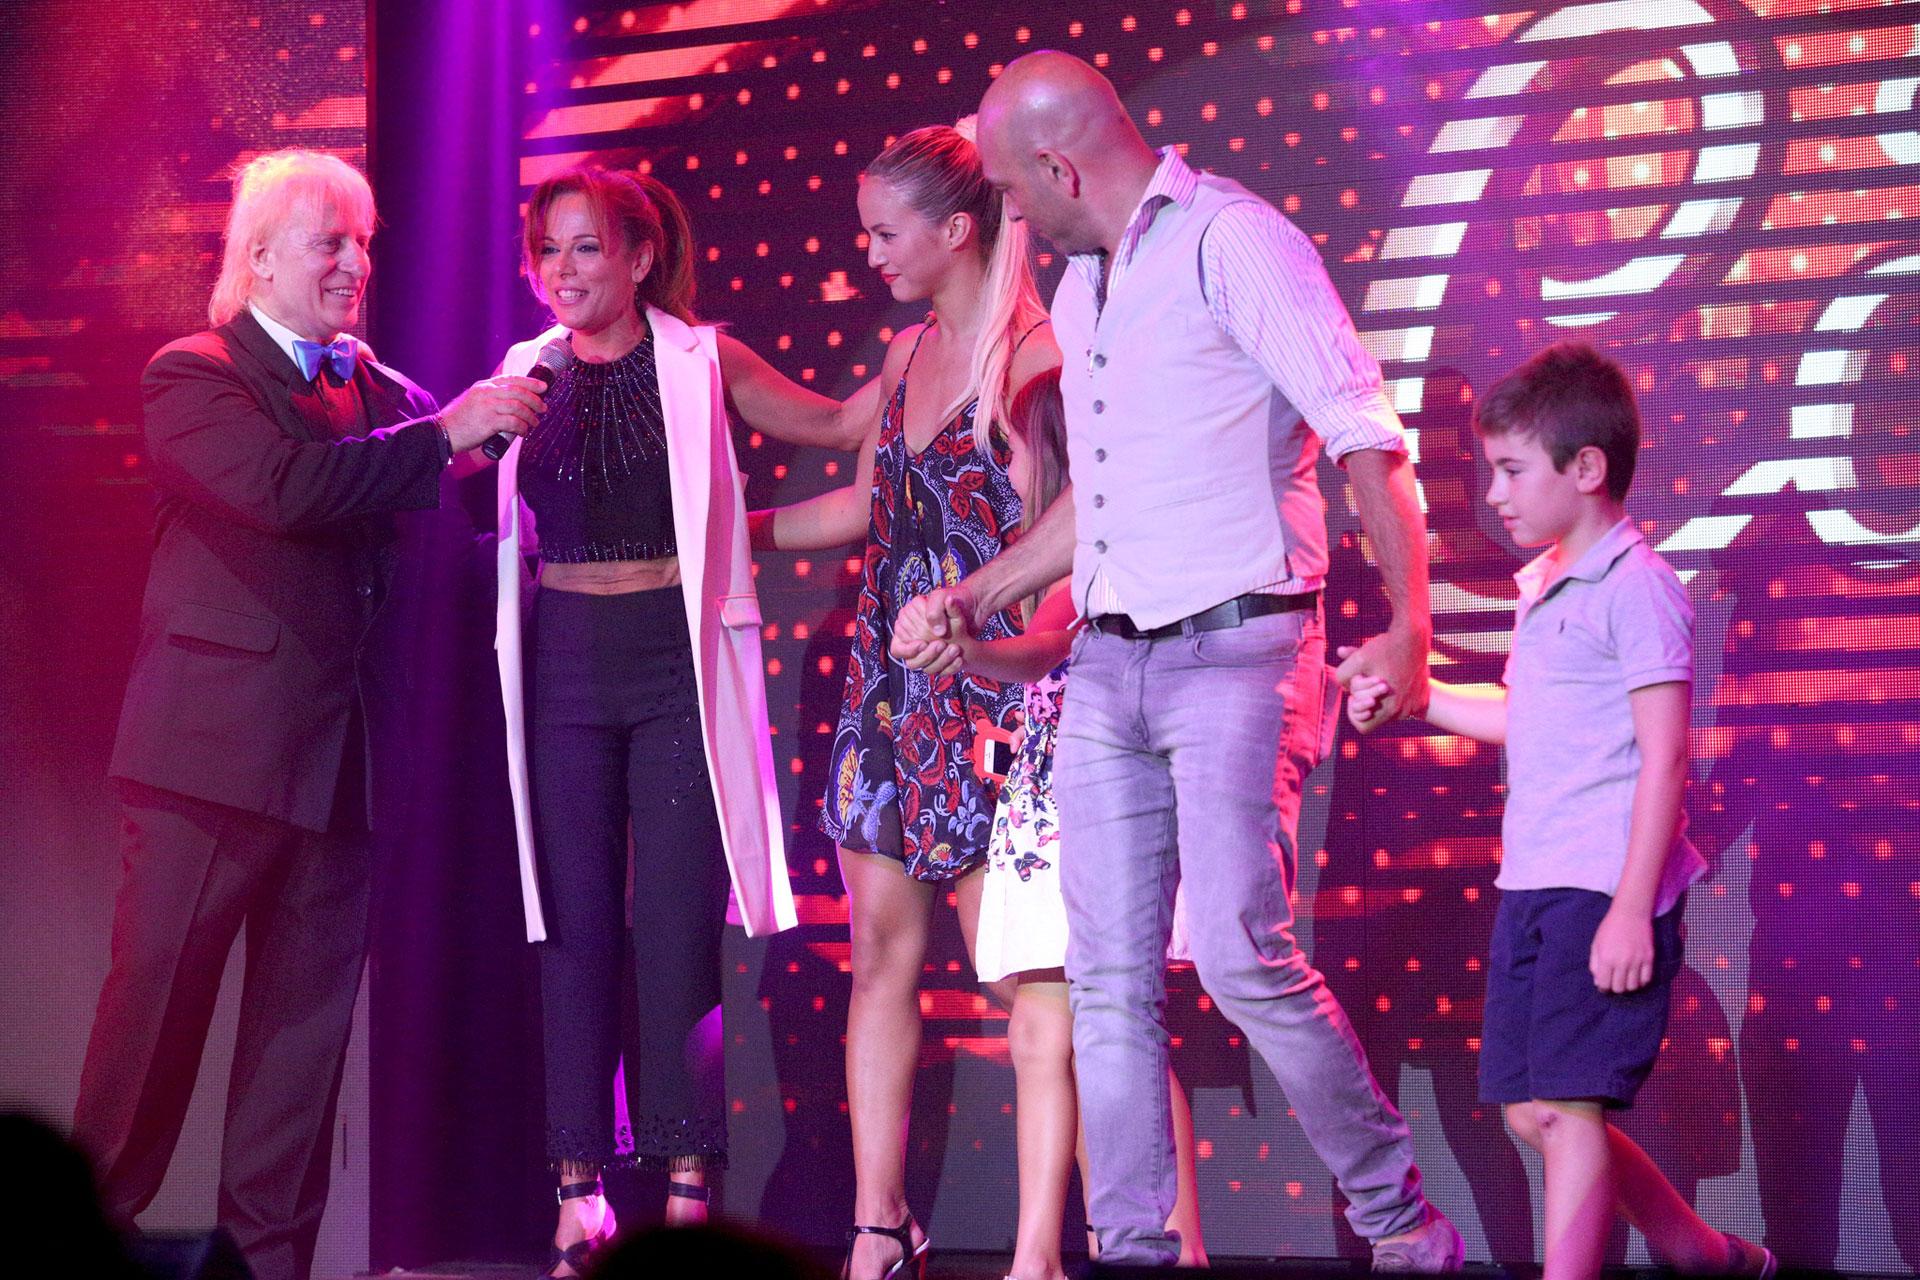 """Iliana Calabró, Flor Vigna y Fredy Villarreal, juntos en el escenario. El humorista fue premiado en la categoría Mejor Actor Cómico por su trabajo en """"Abracadabra"""""""